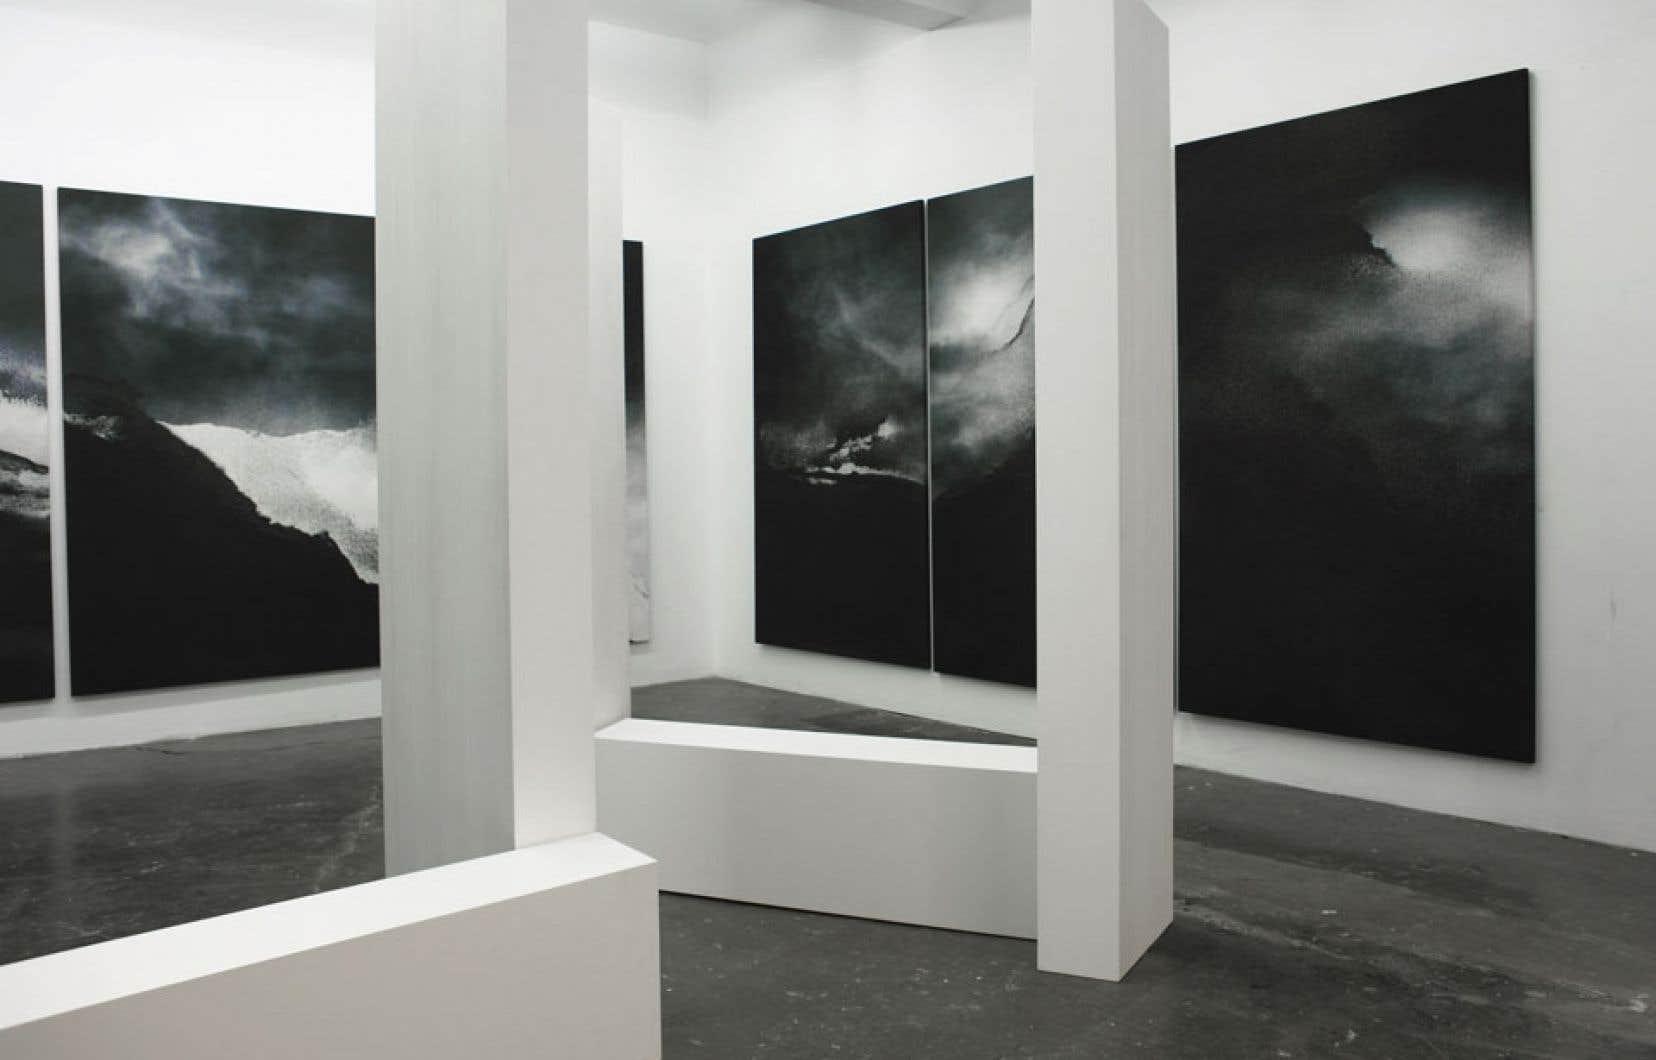 Terre de sable (2012) de Jocelyne Alloucherie fait partie d'une série réalisée à partir de grains de sable qu'elle a appliqués sur une image de ciel, avant de numériser la composition.